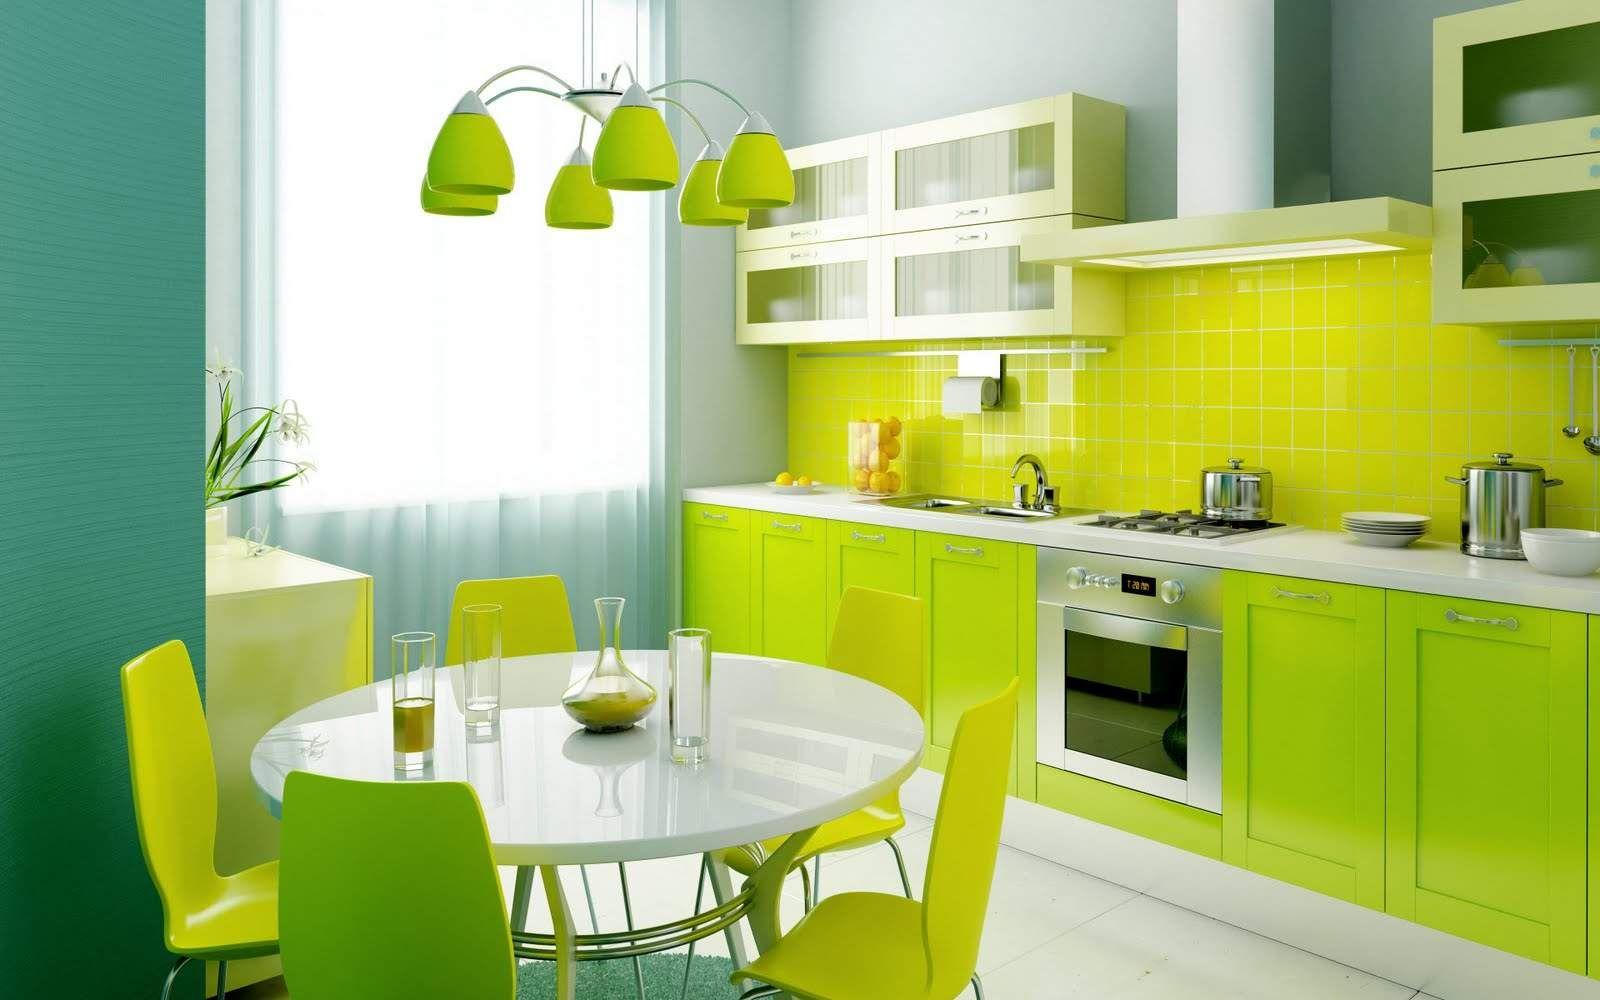 Chậu Rửa Bat Amts 9848hr Lựa Chọn Số 1 Của Cac Gia đinh Hiện đại Green Kitchen Designs Yellow Kitchen Designs Green Kitchen Cabinets